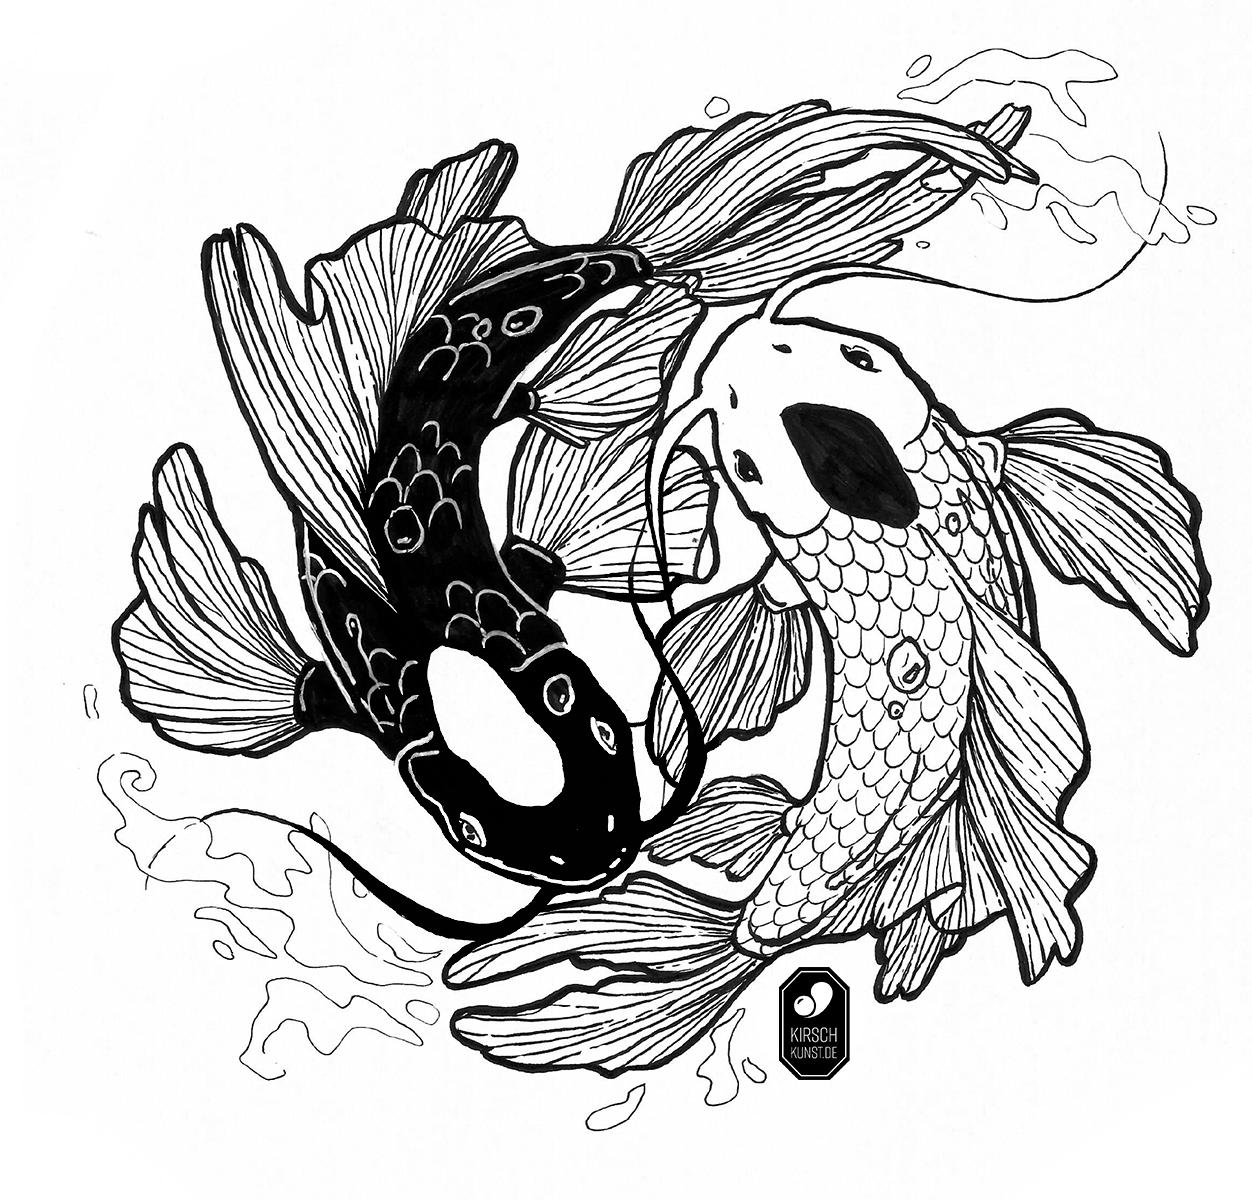 Ying Yang Fish Tui And La Ying Yang Tattoo Avatar Tattoo Japanese Tattoo Art